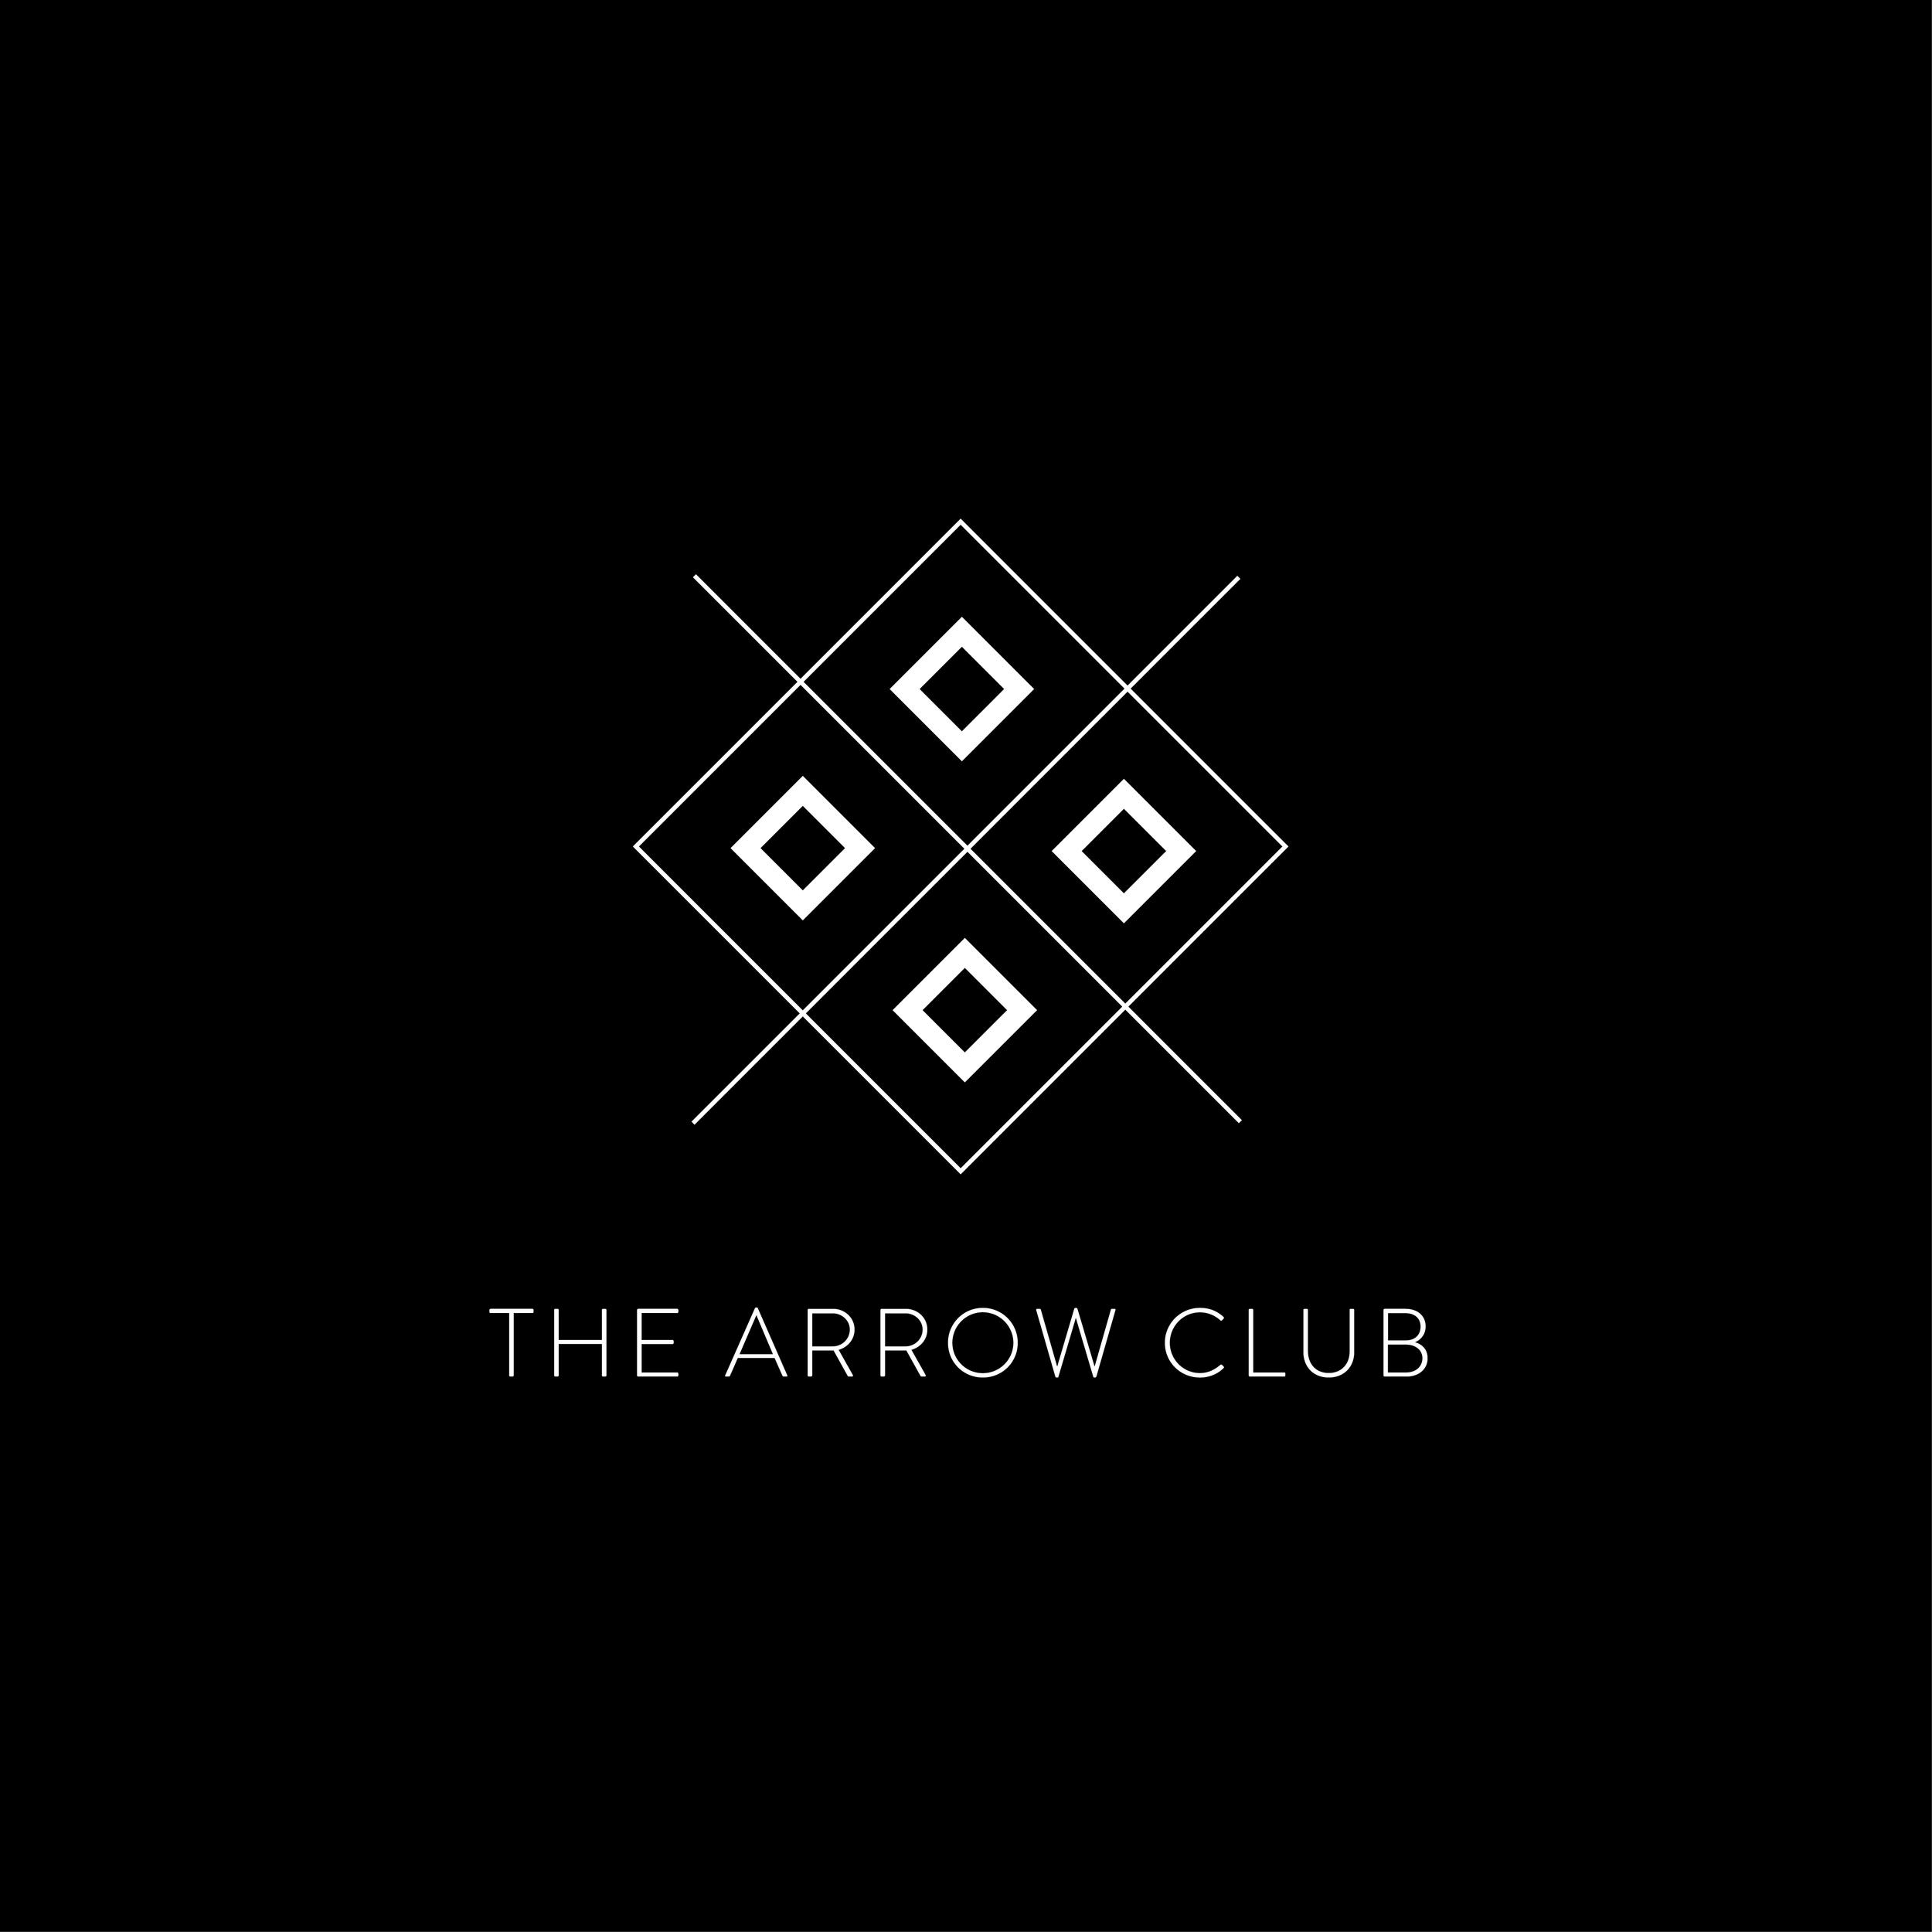 The Arrow Club